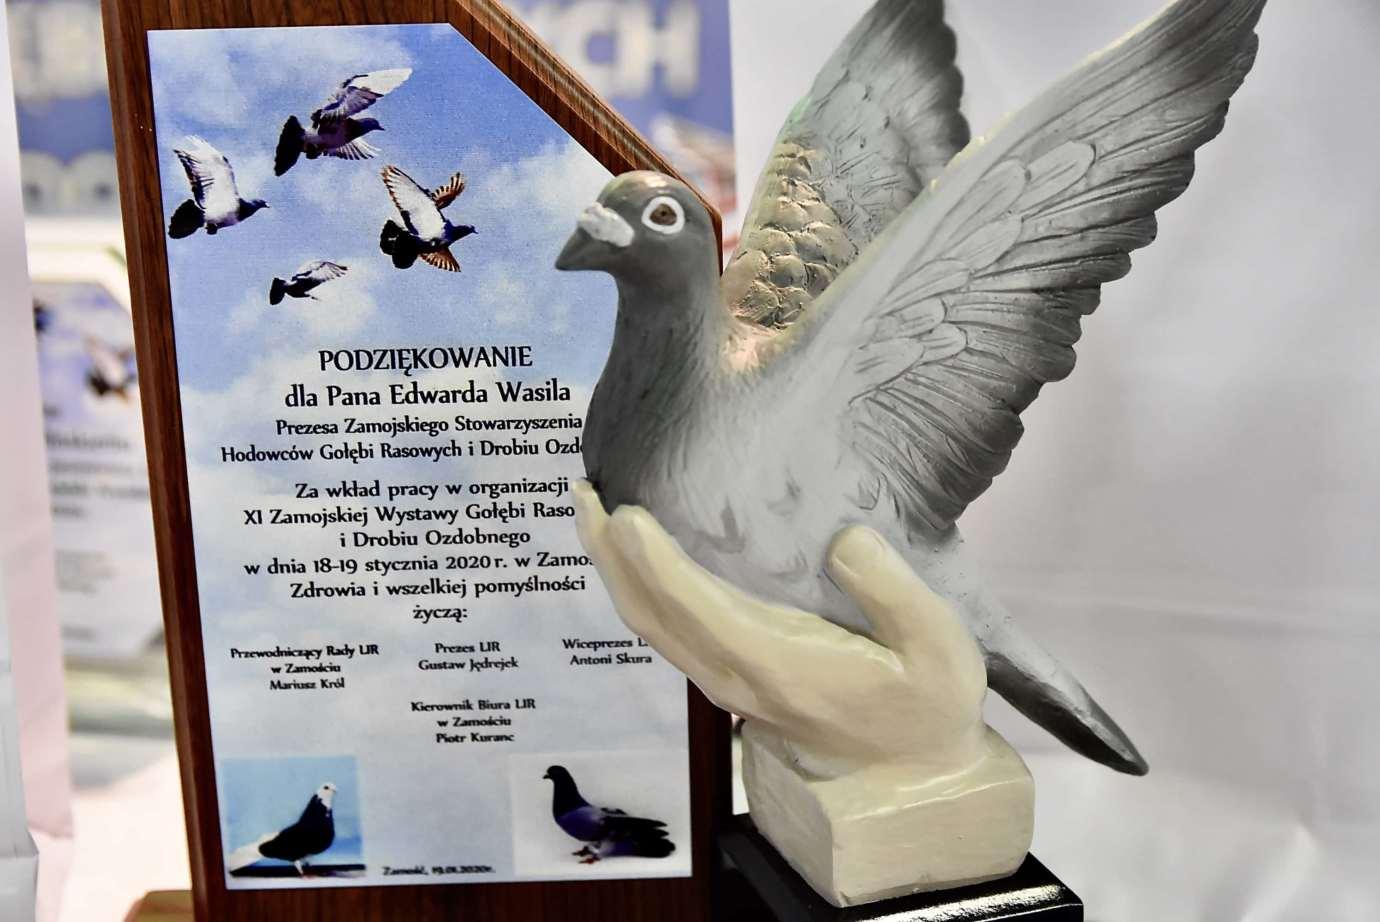 dsc 3654 XI Zamojska Wystawa Gołębi Rasowych i Drobiu Ozdobnego - publikujemy nazwiska i zdjęcia nagrodzonych